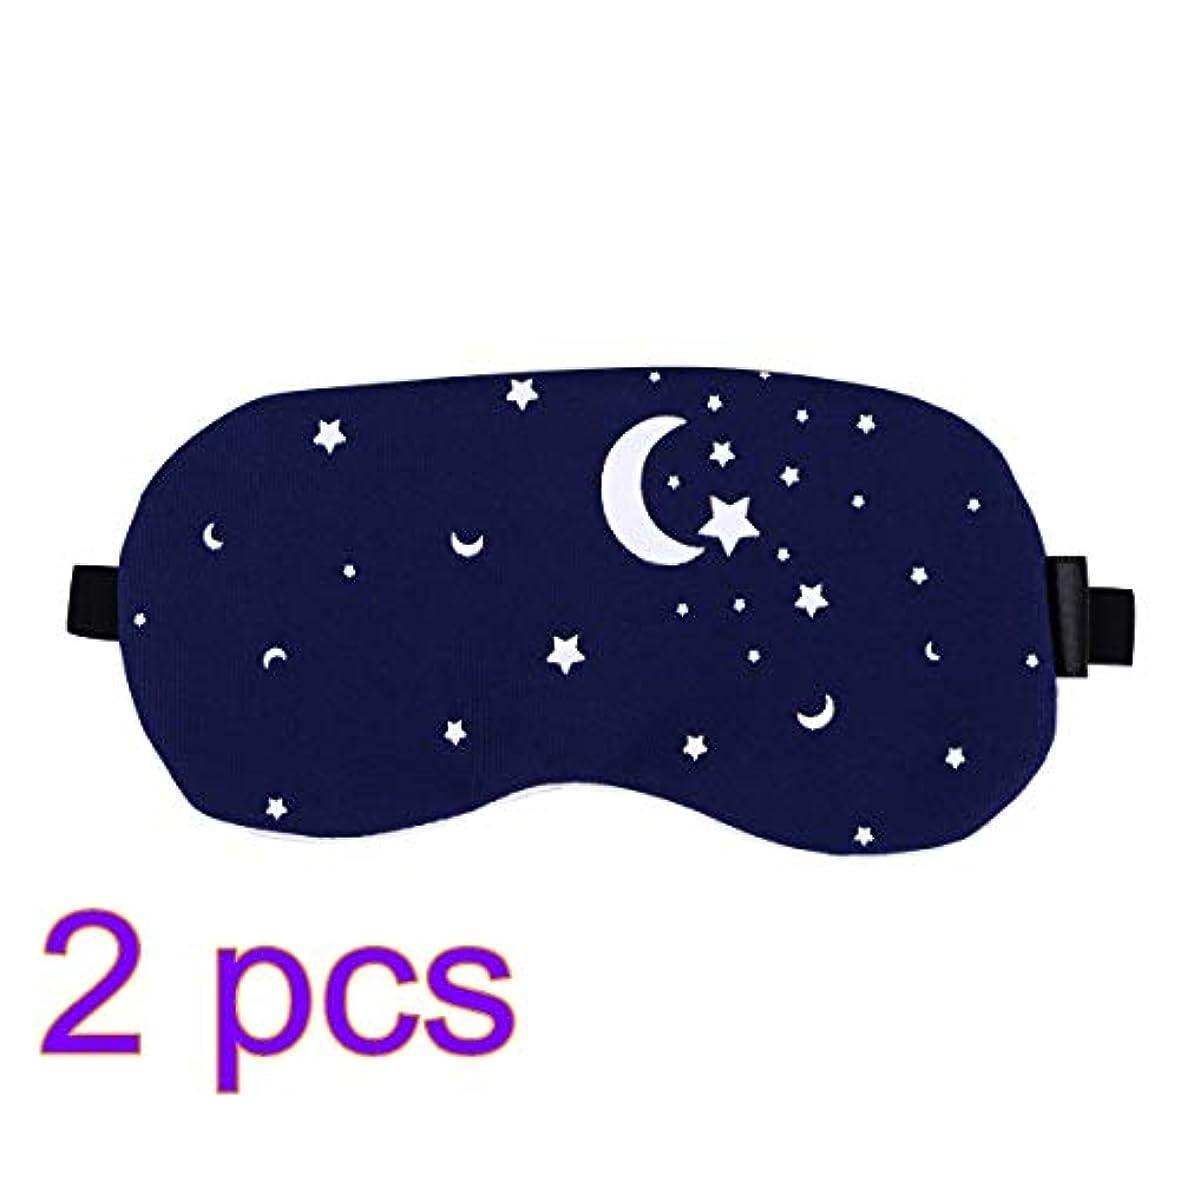 アリーナ日常的にオデュッセウスHealifty コットンとリネンアイスリーピングマスクブラインドパッチアジャストストラップコールド/ホットジェルストレス緩和用女性のためのふくらんでいる目の頭痛を解消2pcs(Starry Sky)